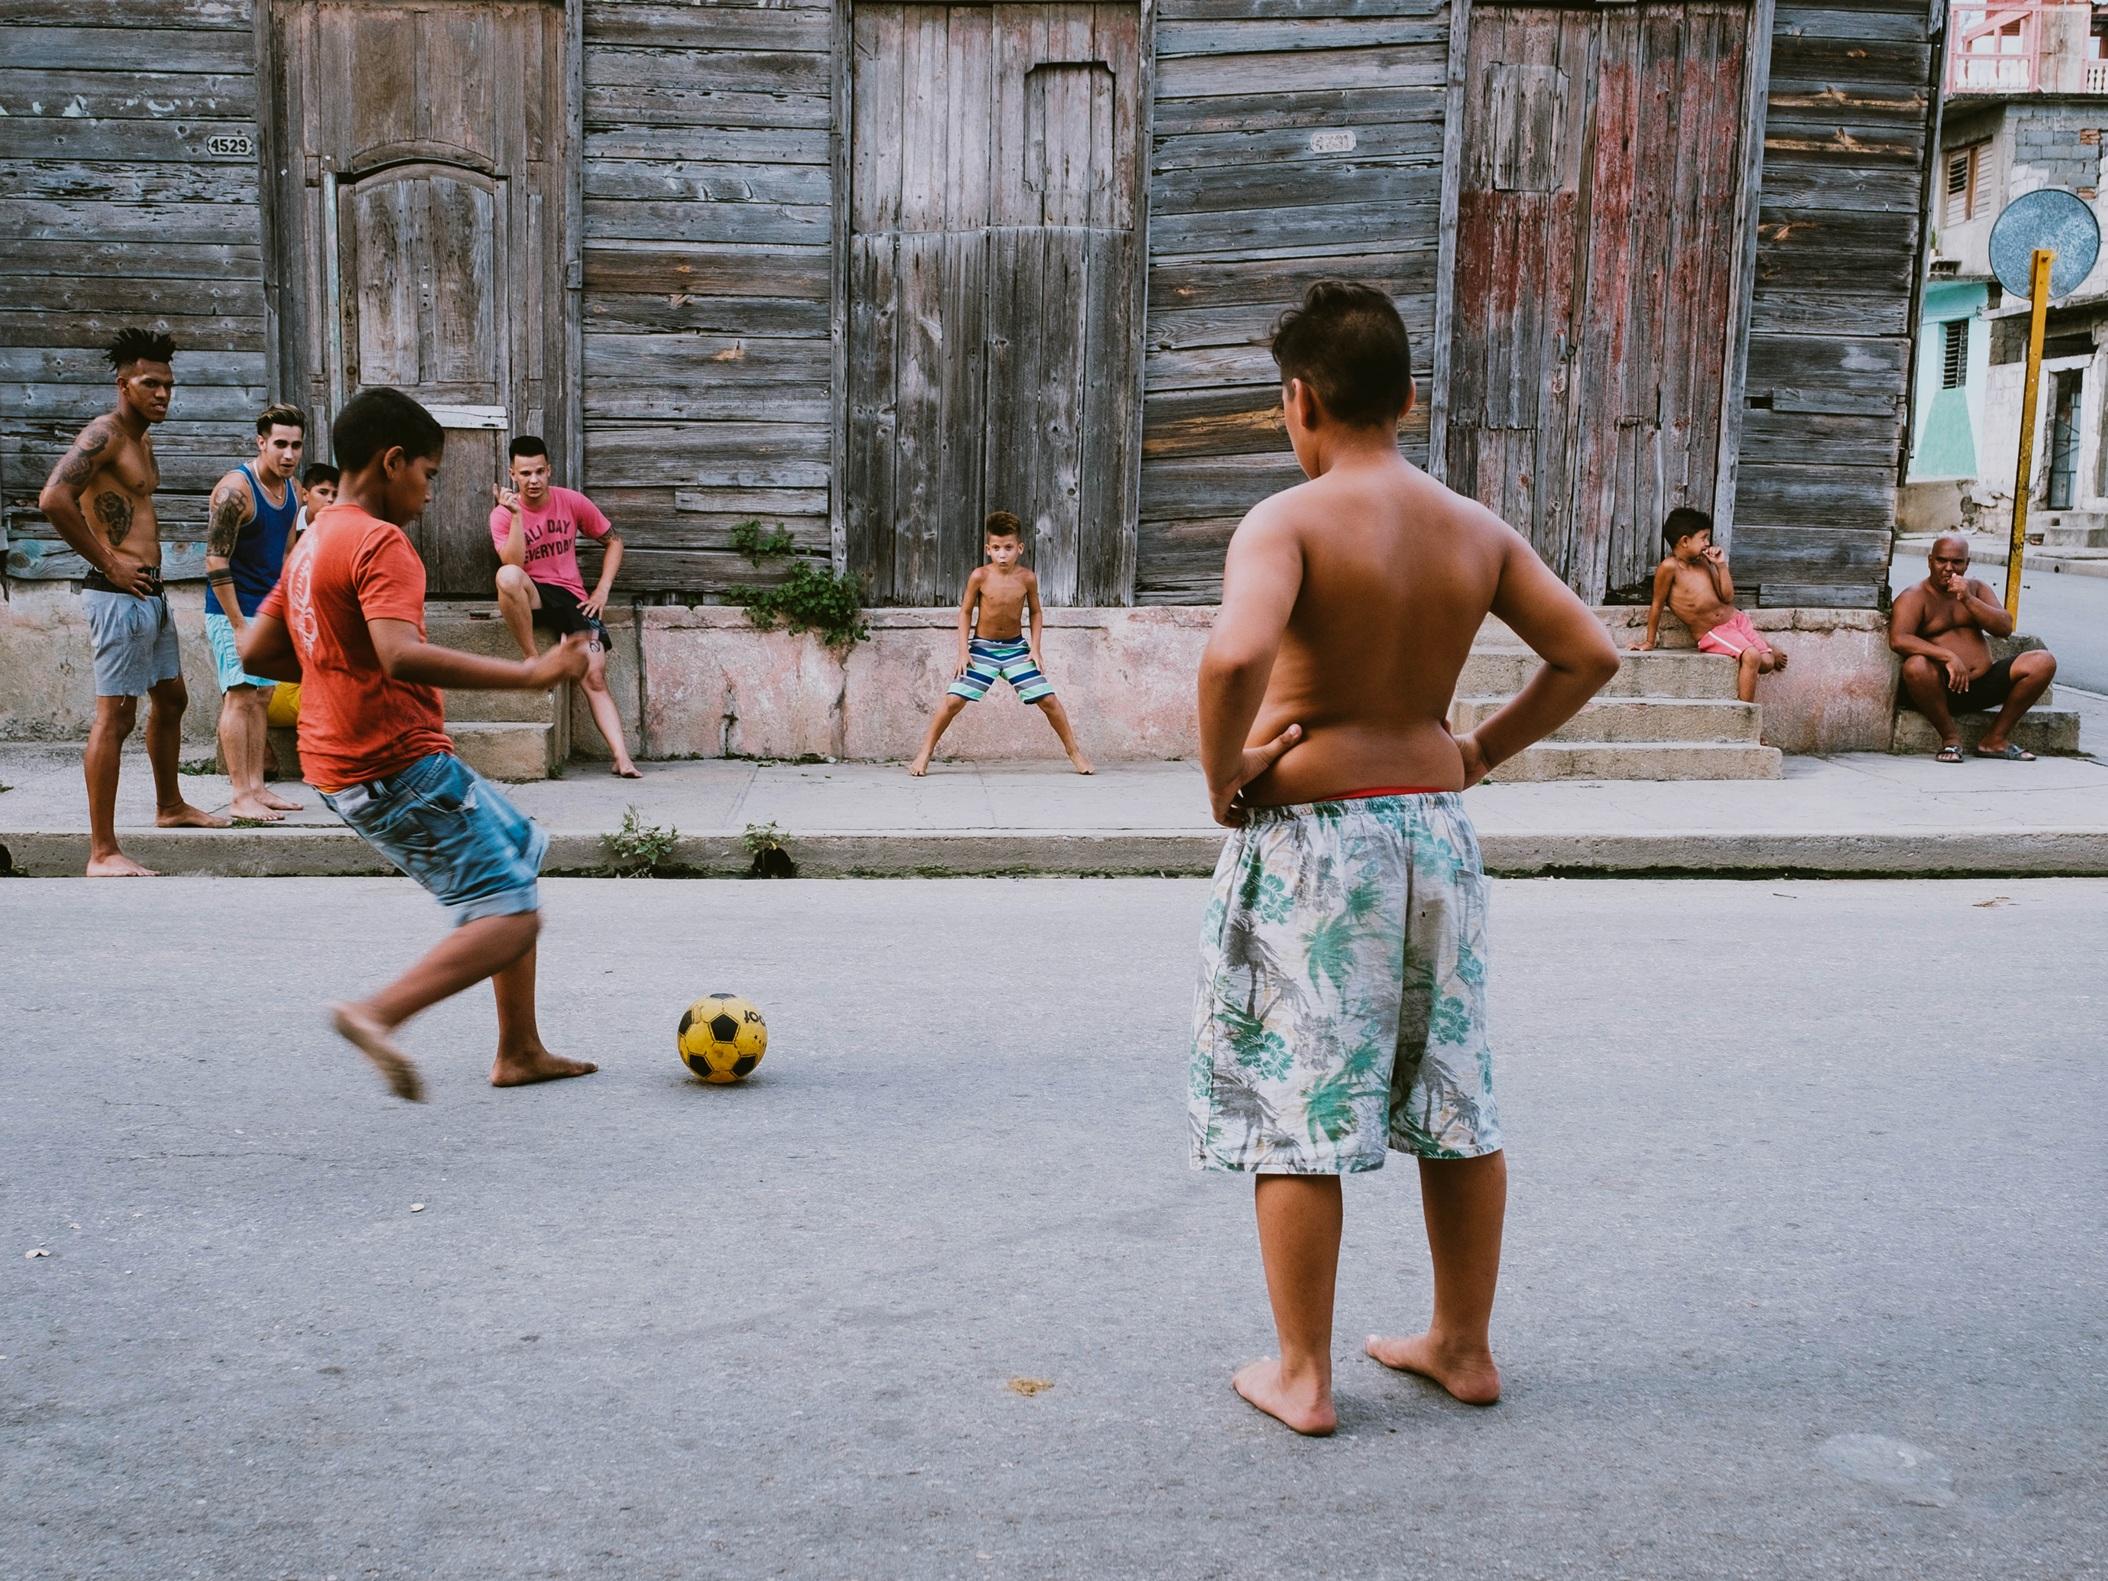 HAVANA, VIÑALES & TRINIDAD - CUBA